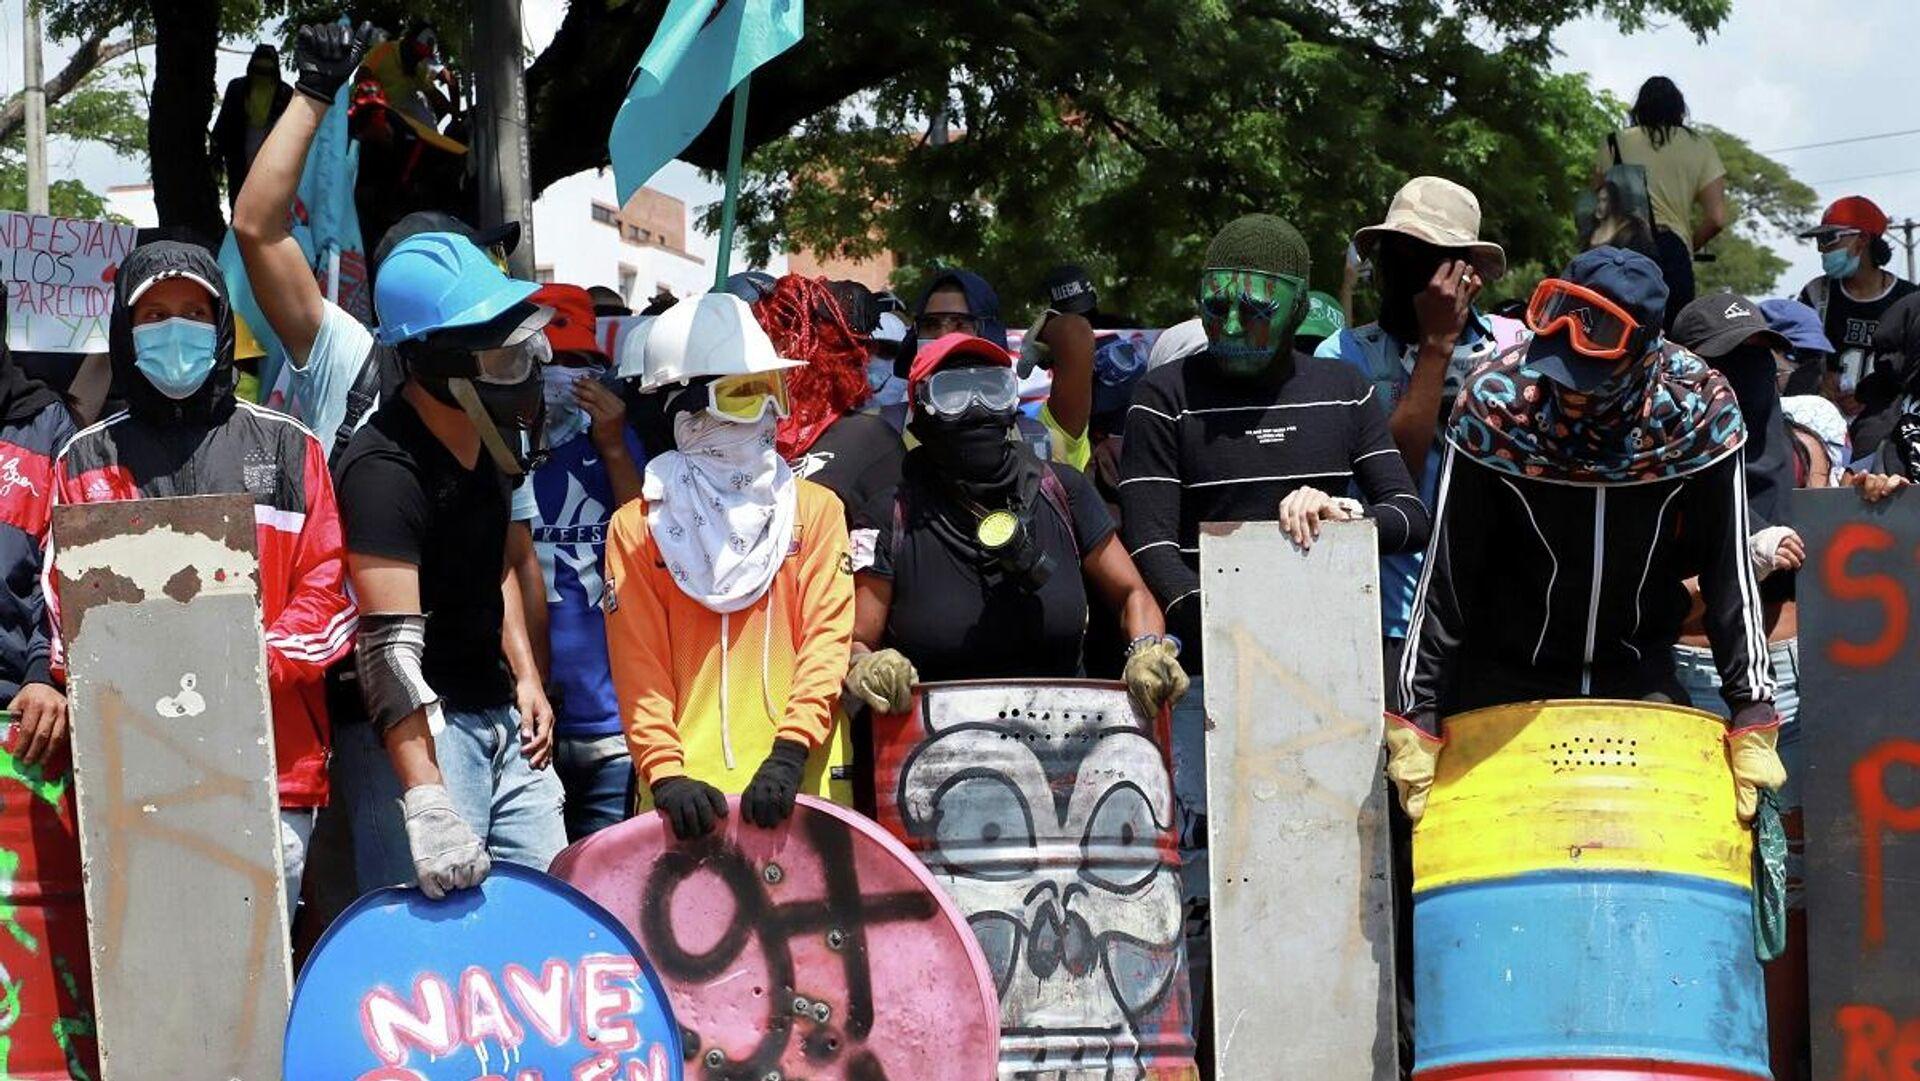 Protestas en la ciudad de Cali, Colombia - Sputnik Mundo, 1920, 01.06.2021